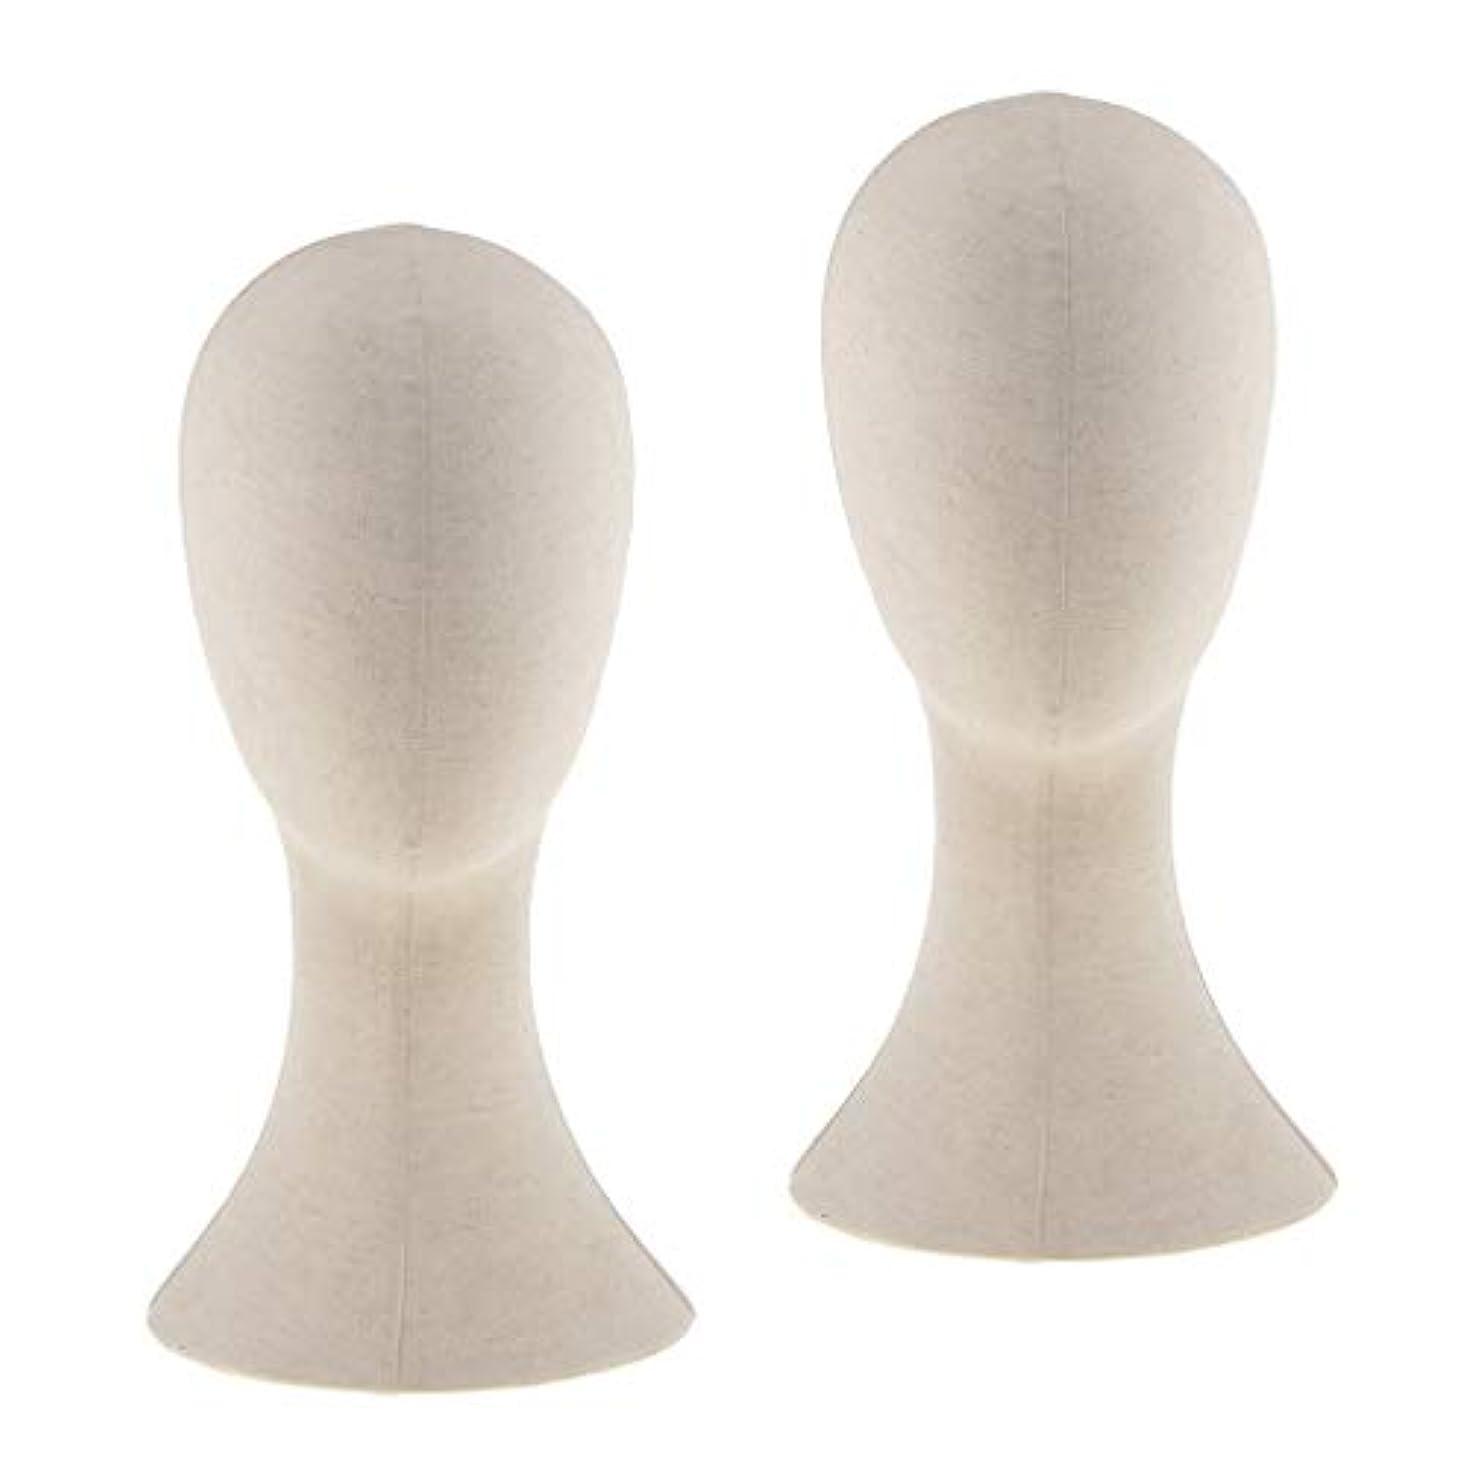 どっち注文表向きPerfeclan 2個入り マネキンヘッド トルソー 頭 カット練習 頭部 女性 ウィッグマネキン ウィッグスタンド